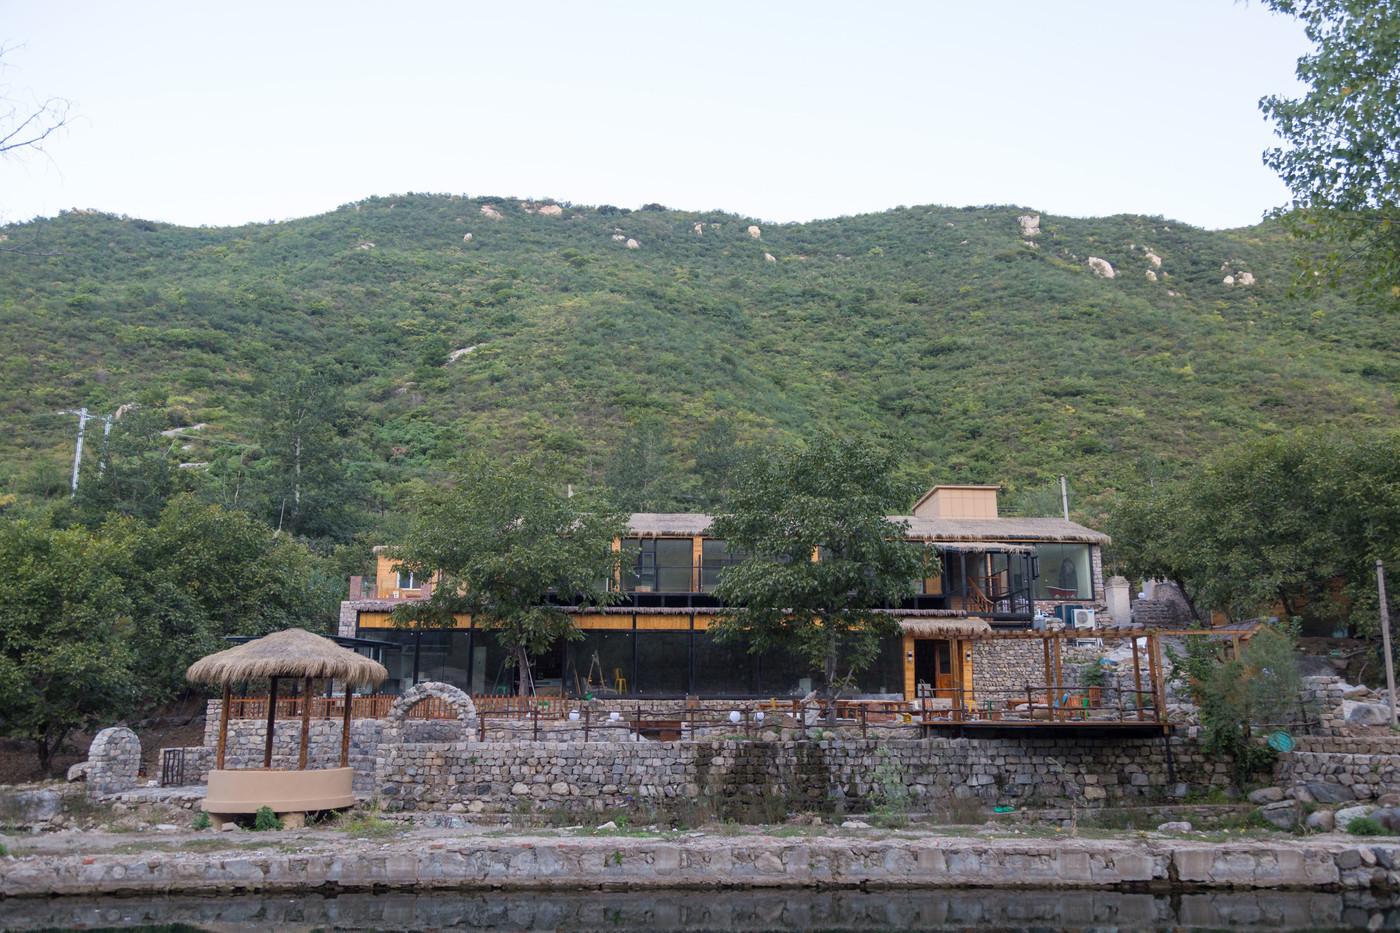 喜马拉雅野奢帐篷酒店一北京石头 剪刀 布一私享院子 54平山谷型  7